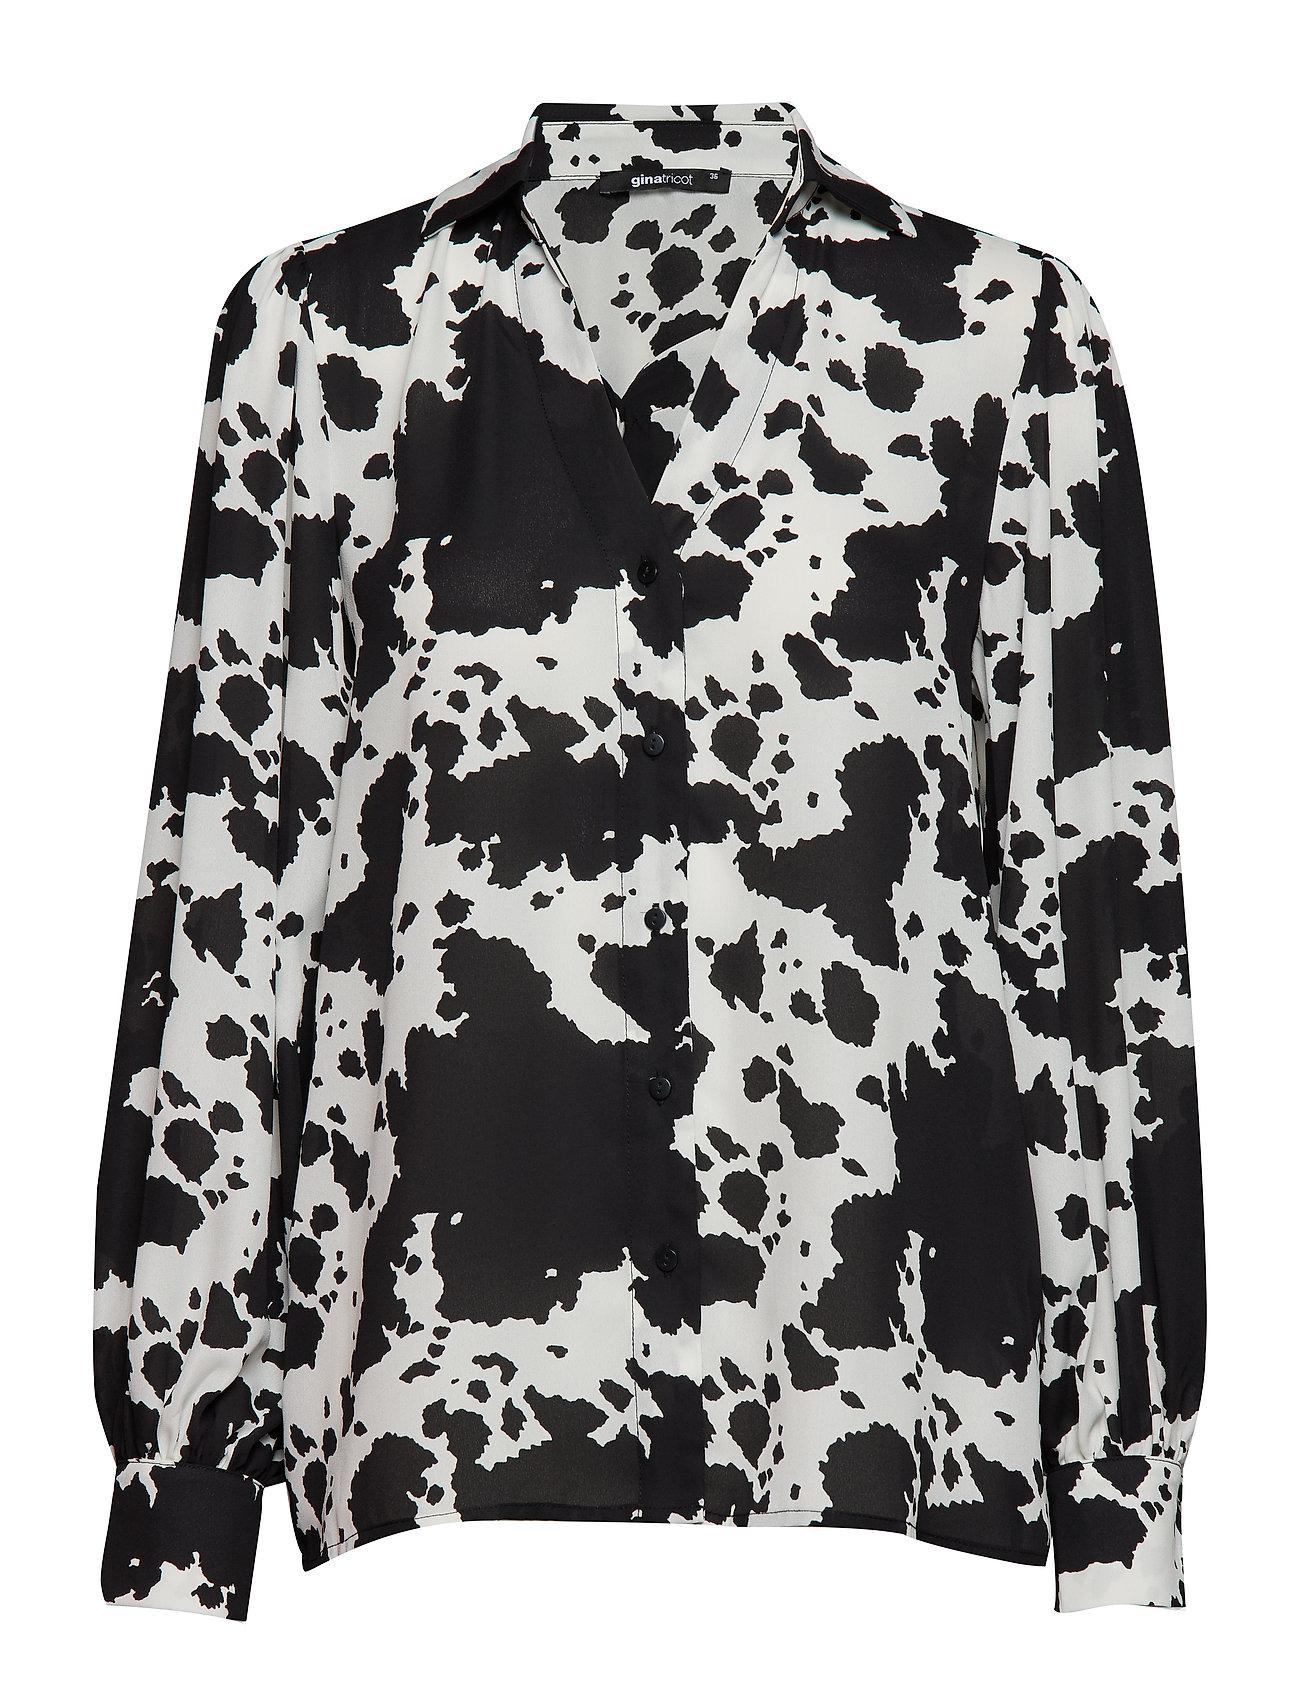 Gina Tricot Millie blouse Ögrönlar